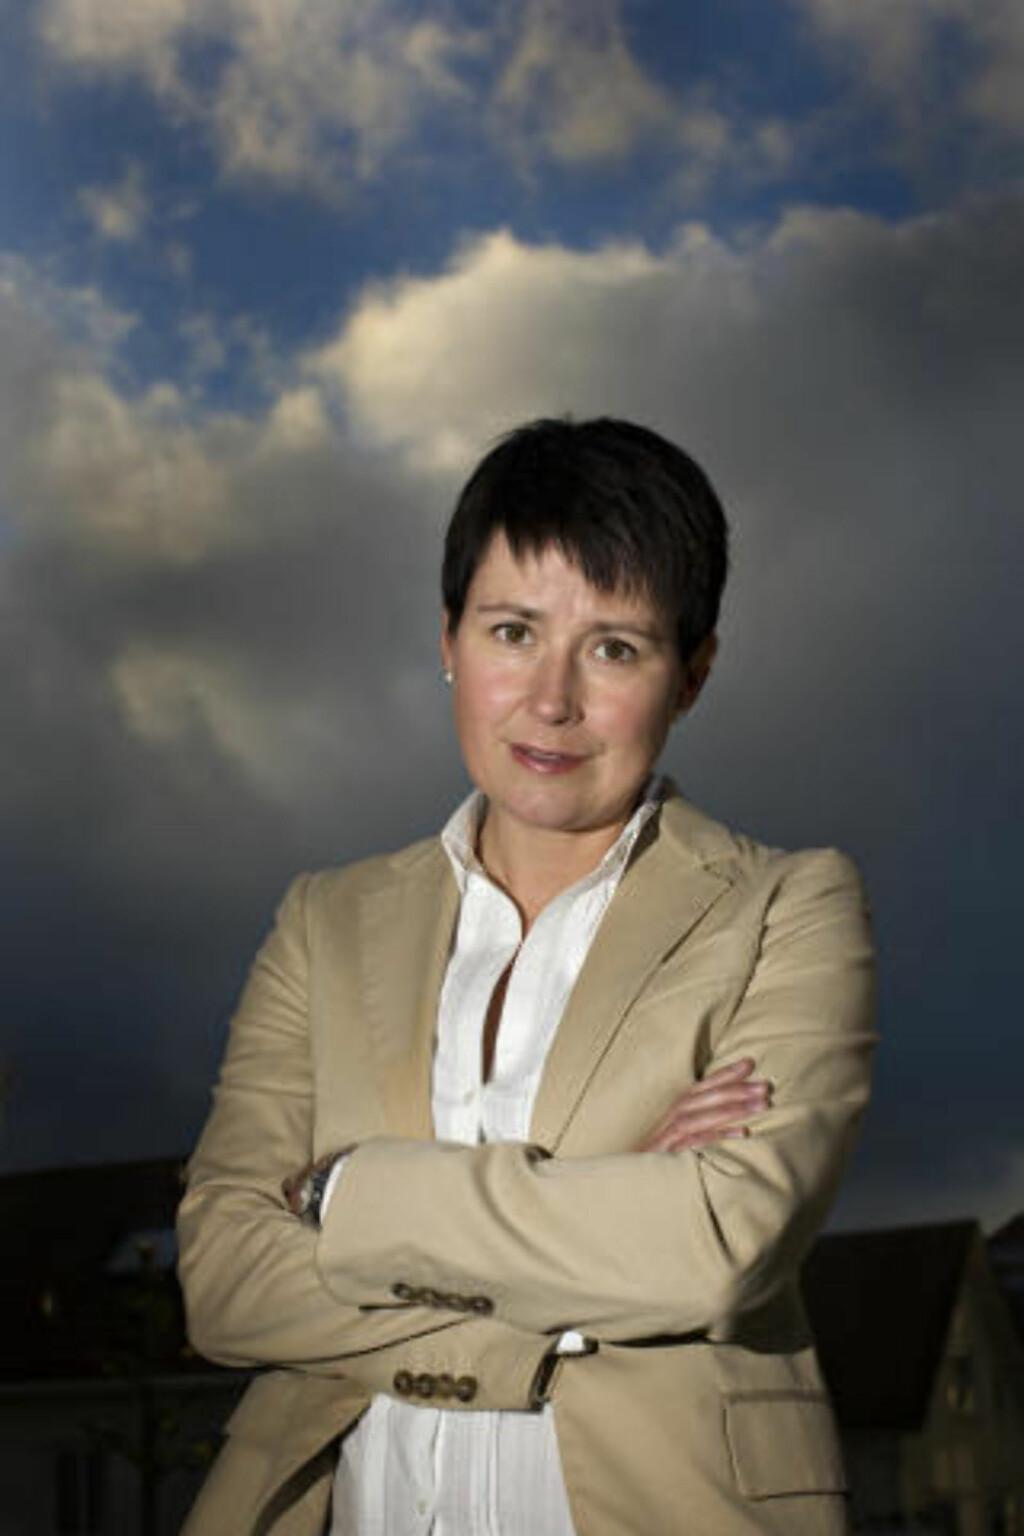 FÅR STØTTE: Advokat Ingrid Bergum leder Fordelingsutvalget i Barne- og likestillingsdepartementet (BLD). Foto: Marie von Krogh